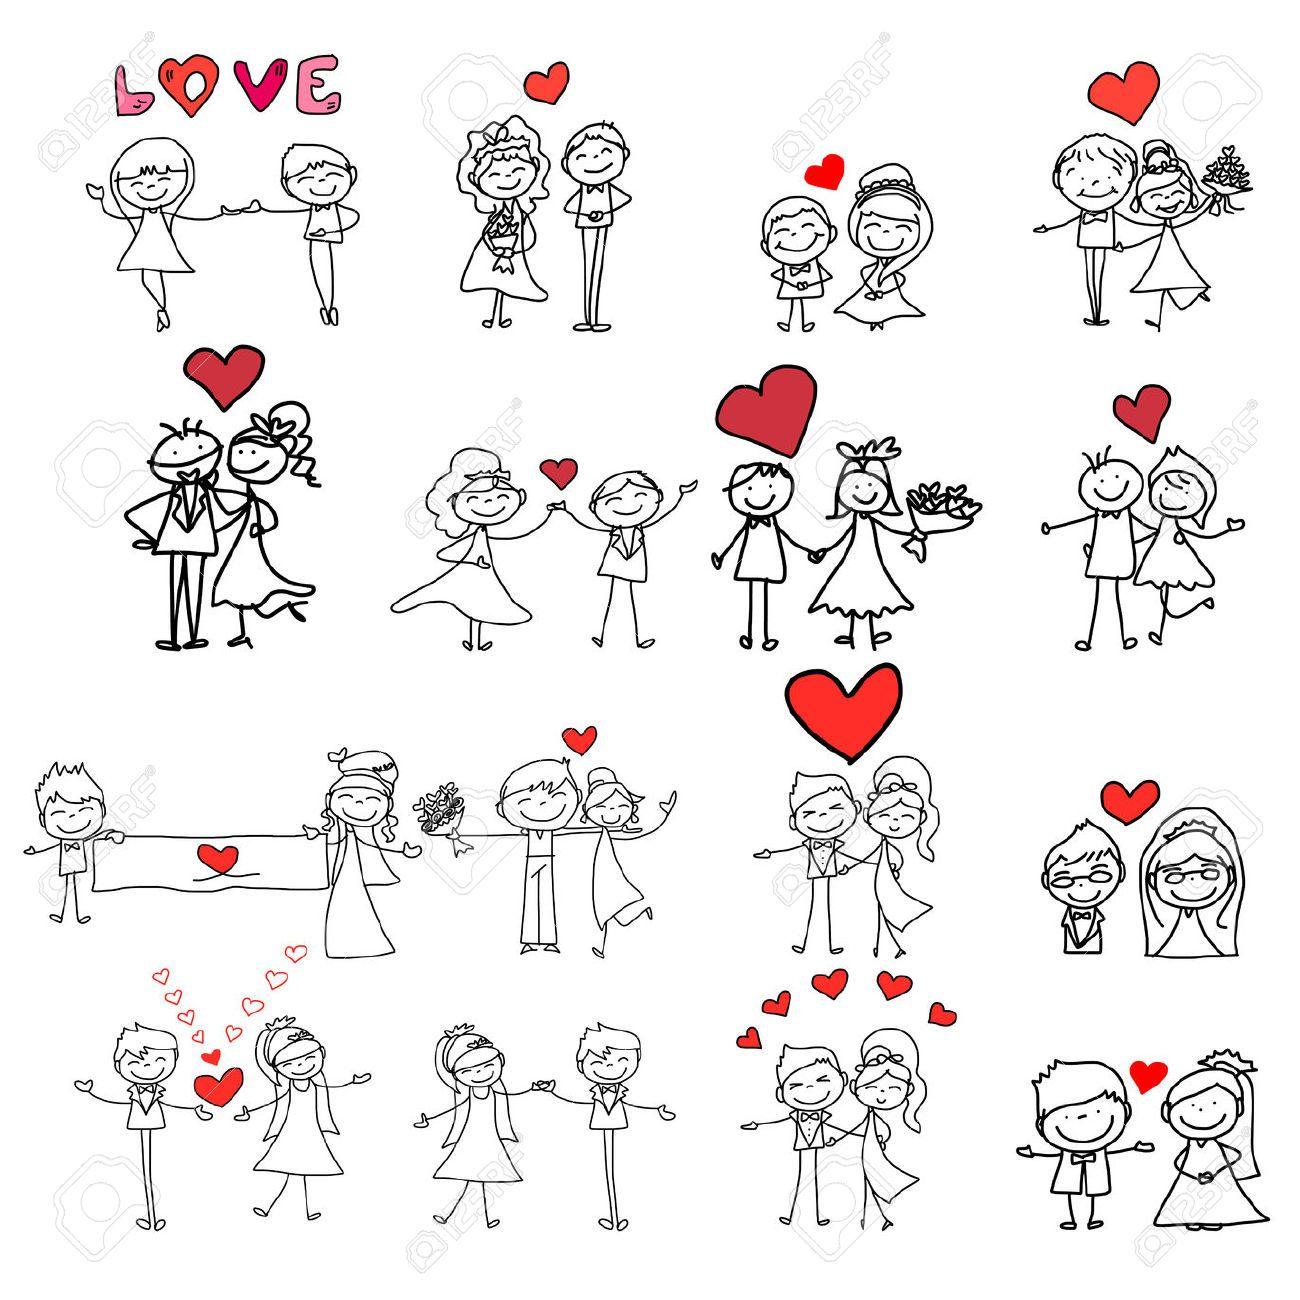 Dibujos Infantiles De Niños Tomados De Las Manos Para Tarjetas